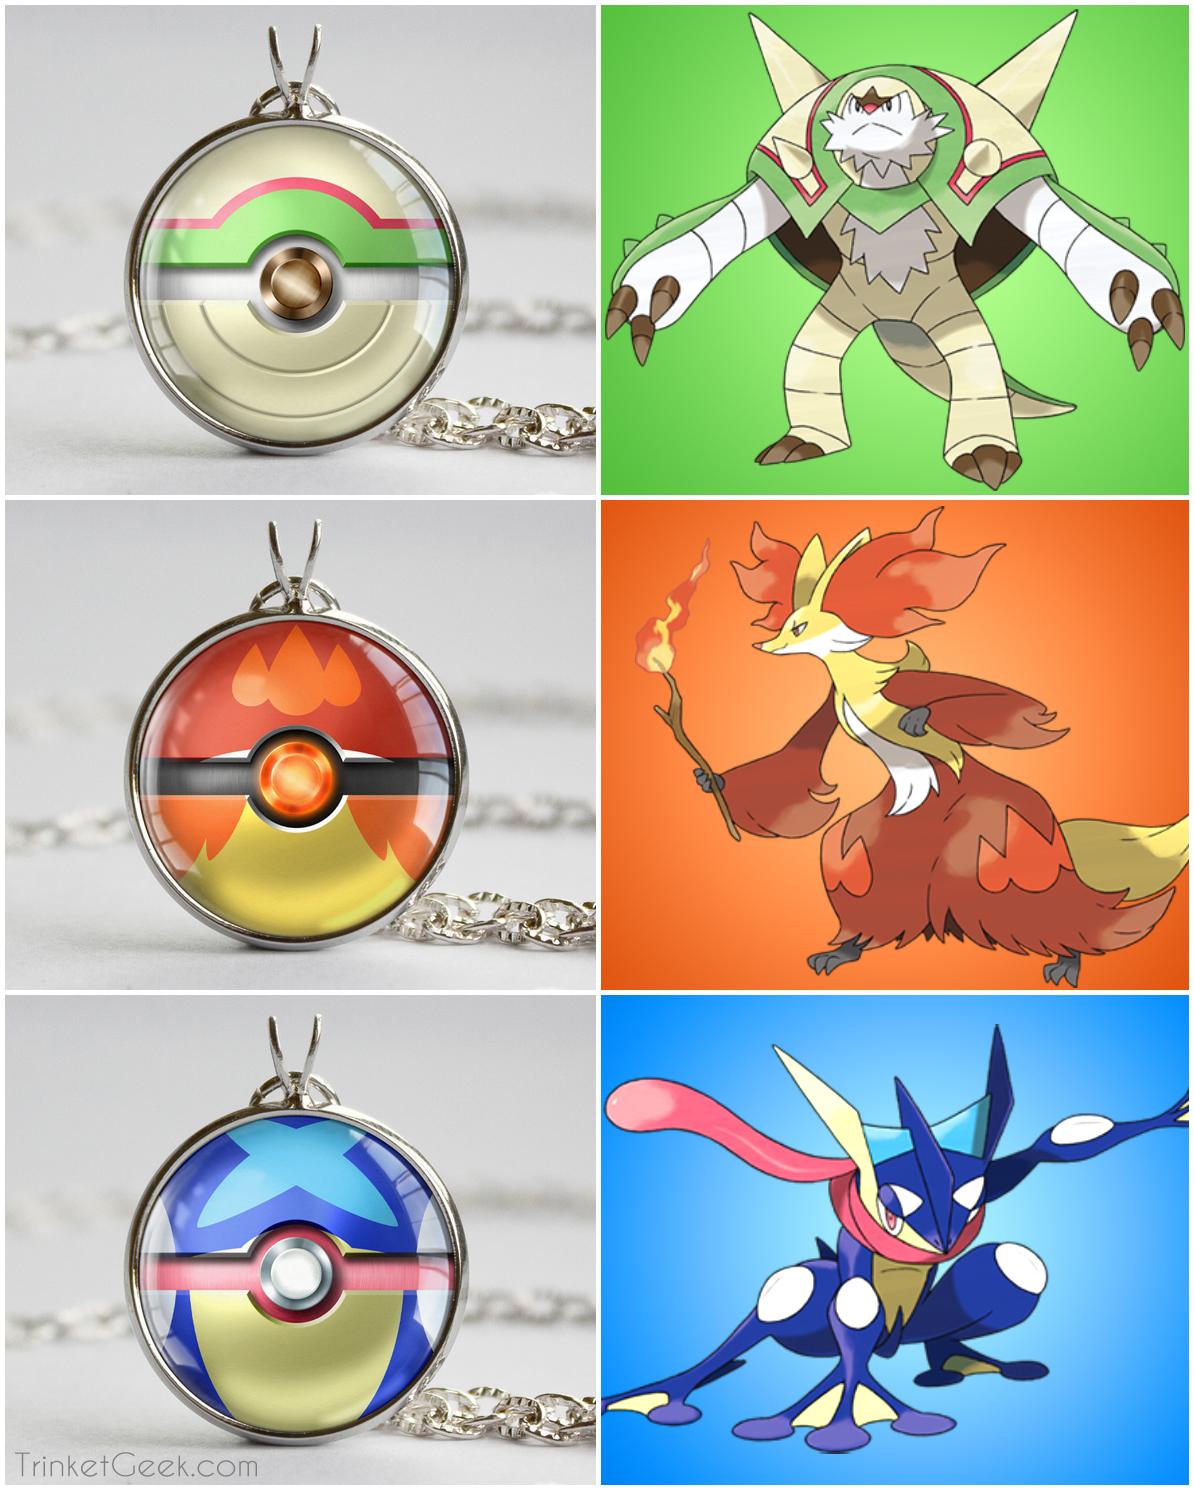 Pokeball clipart shiny And pokeballs  themed Themed